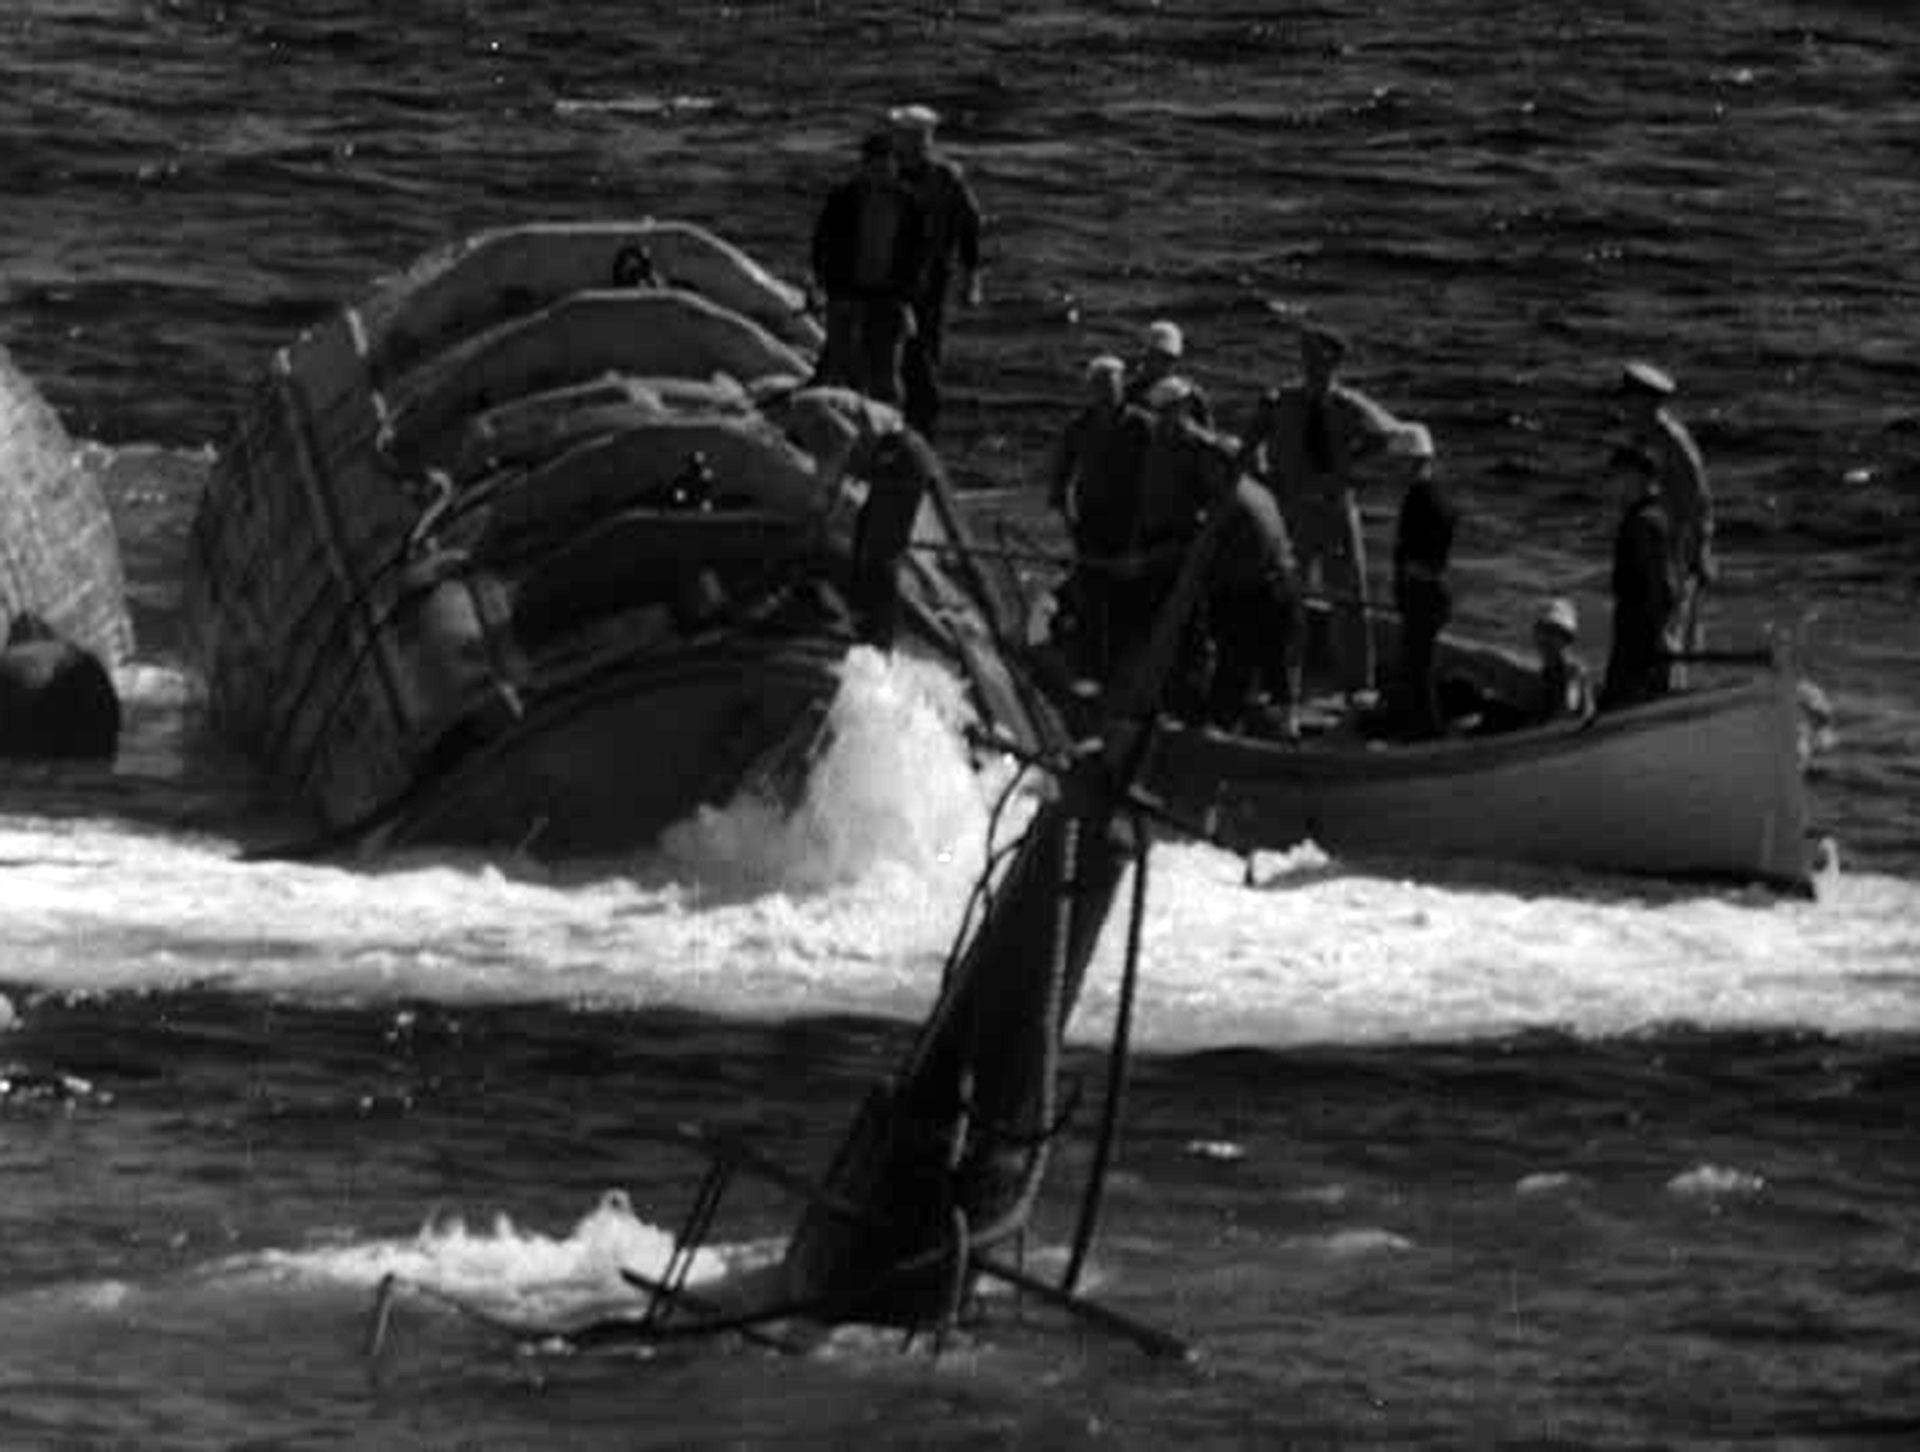 El submarino luego fue sacado a flote